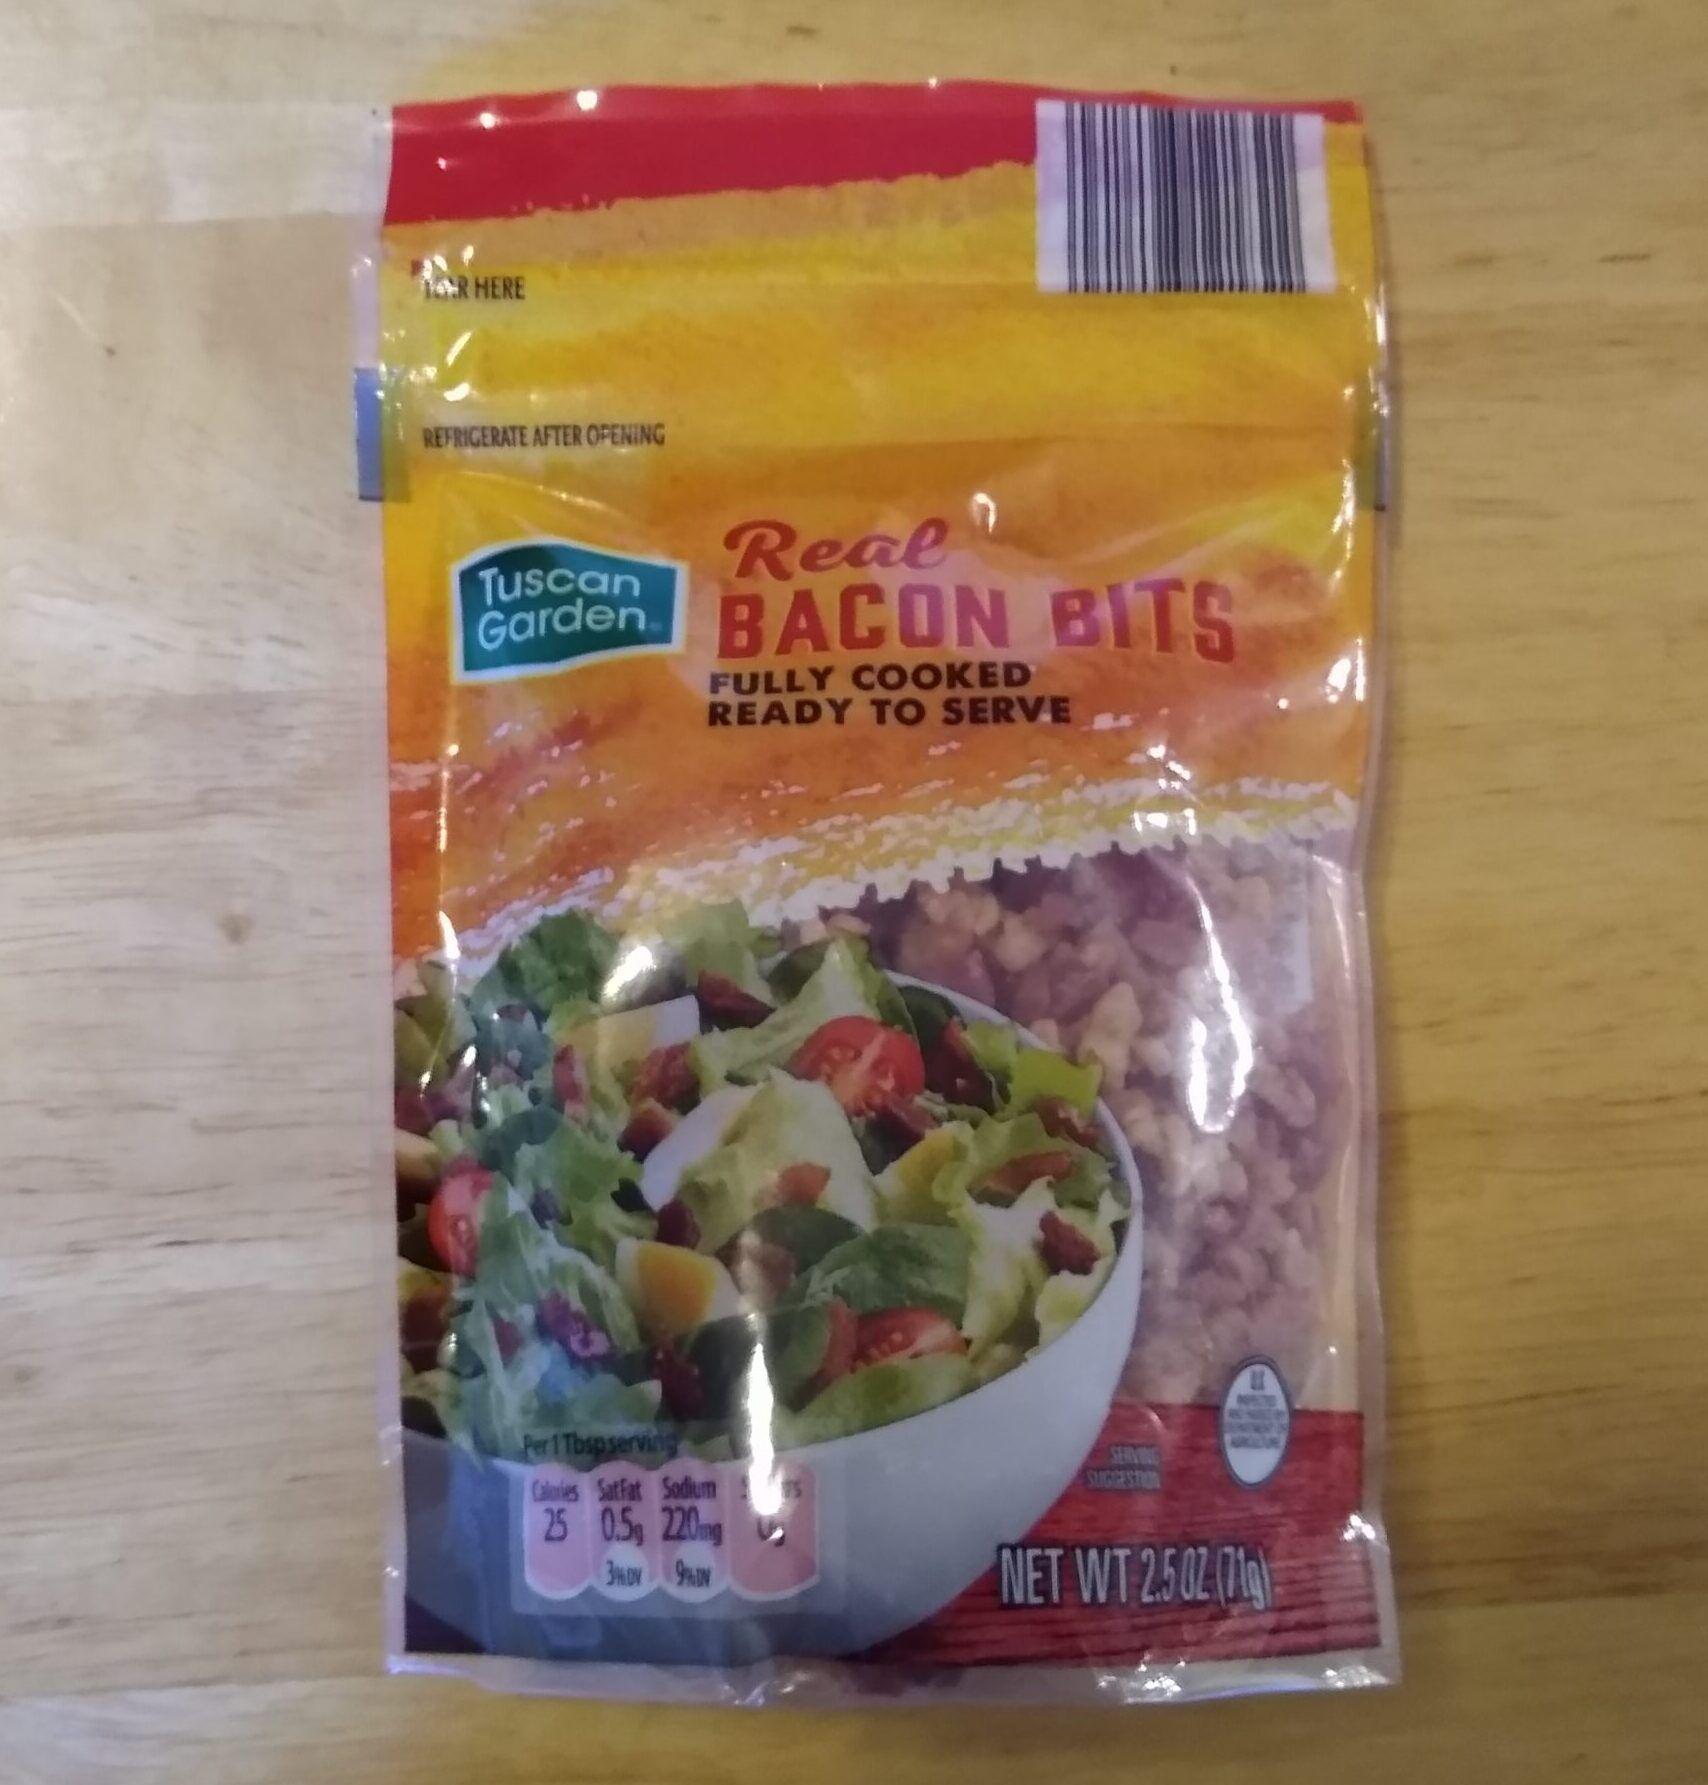 Tuscan Garden Real Bacon Bits Aldi Reviewer Bacon Bits Bacon Artisan Cheese